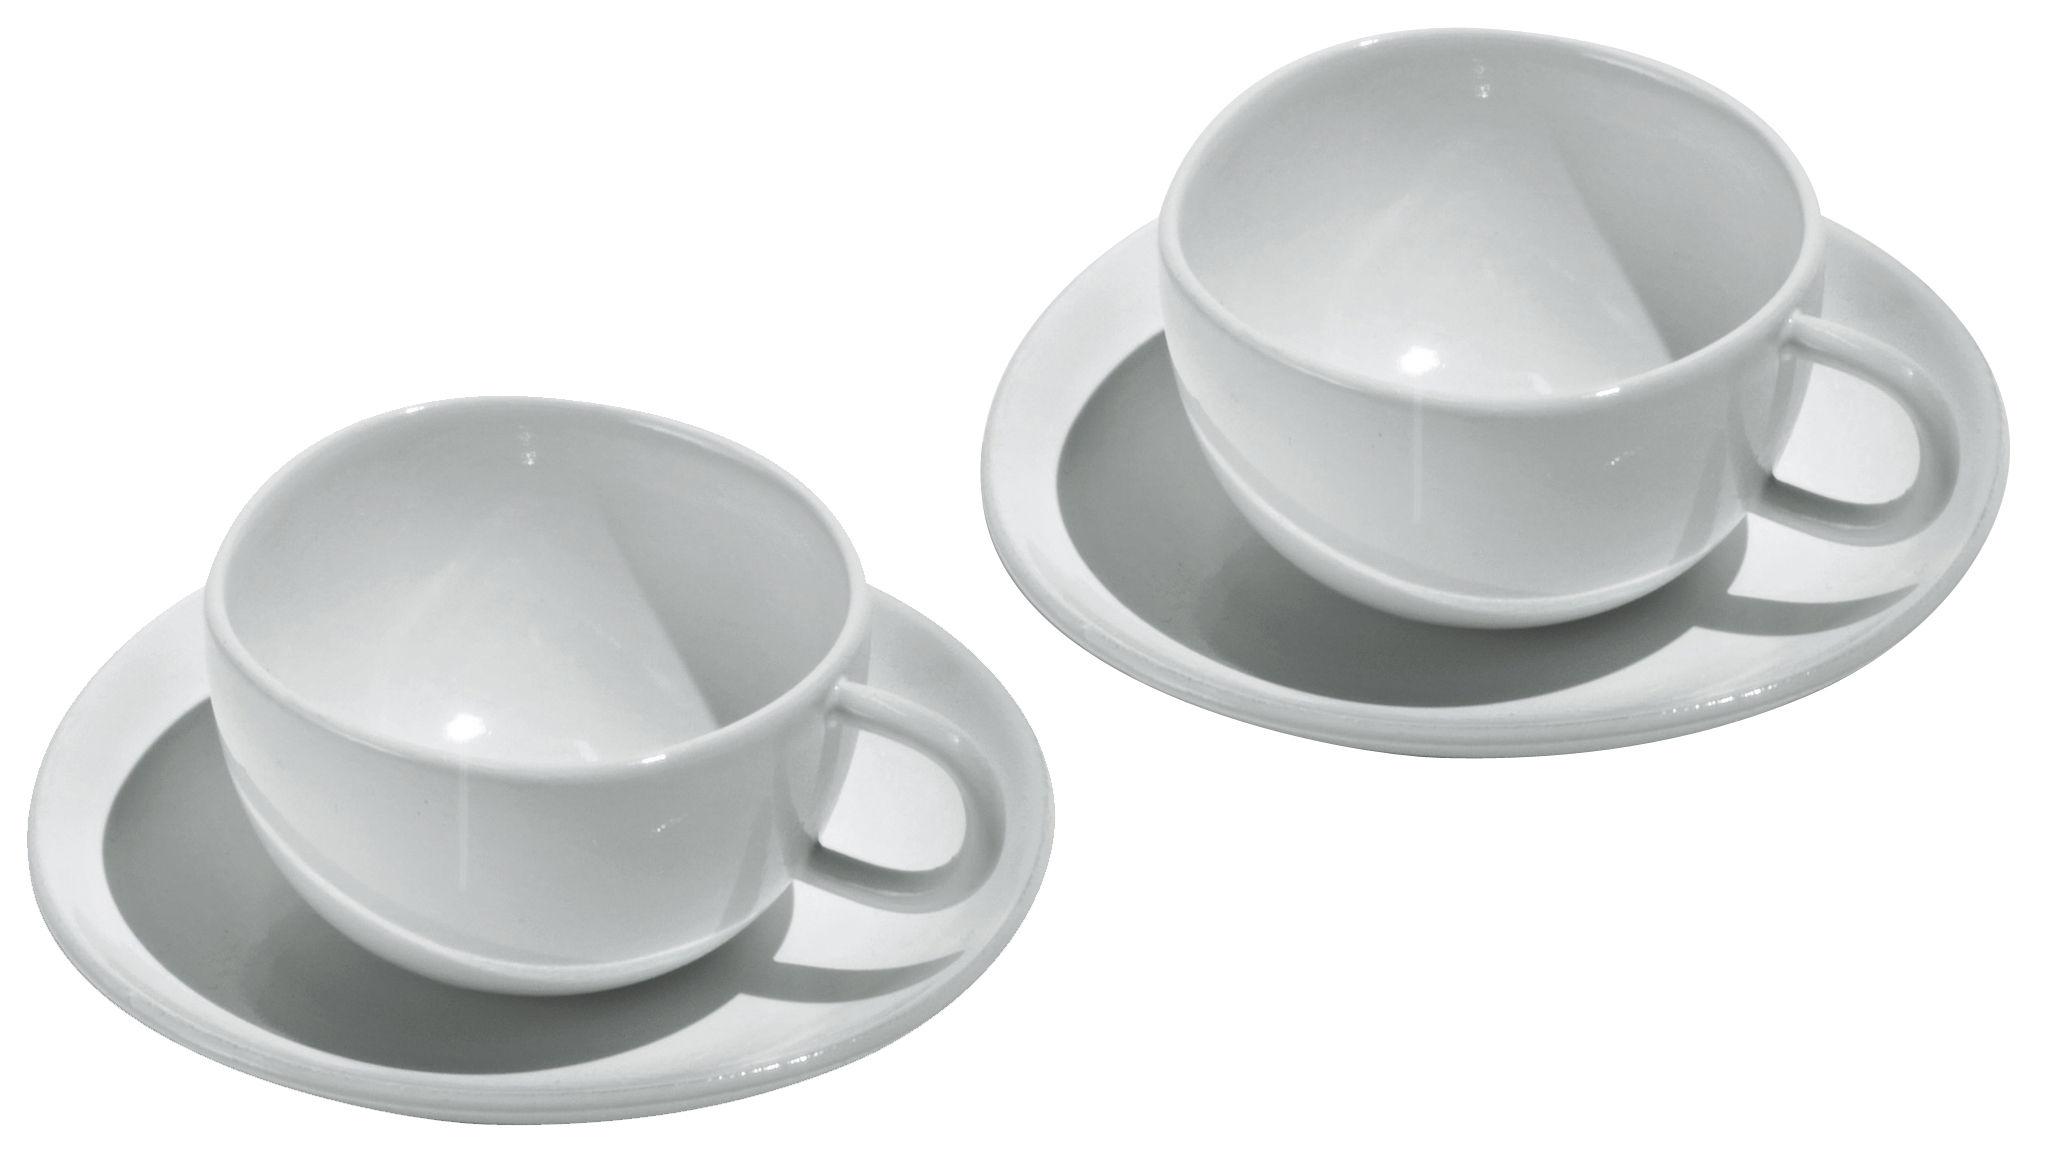 Tavola - Tazze e Boccali - Espresso tazza Fruit basket - Set 2 tazze + 2 piattini di Alessi - Bianco - Porcellana Bone China